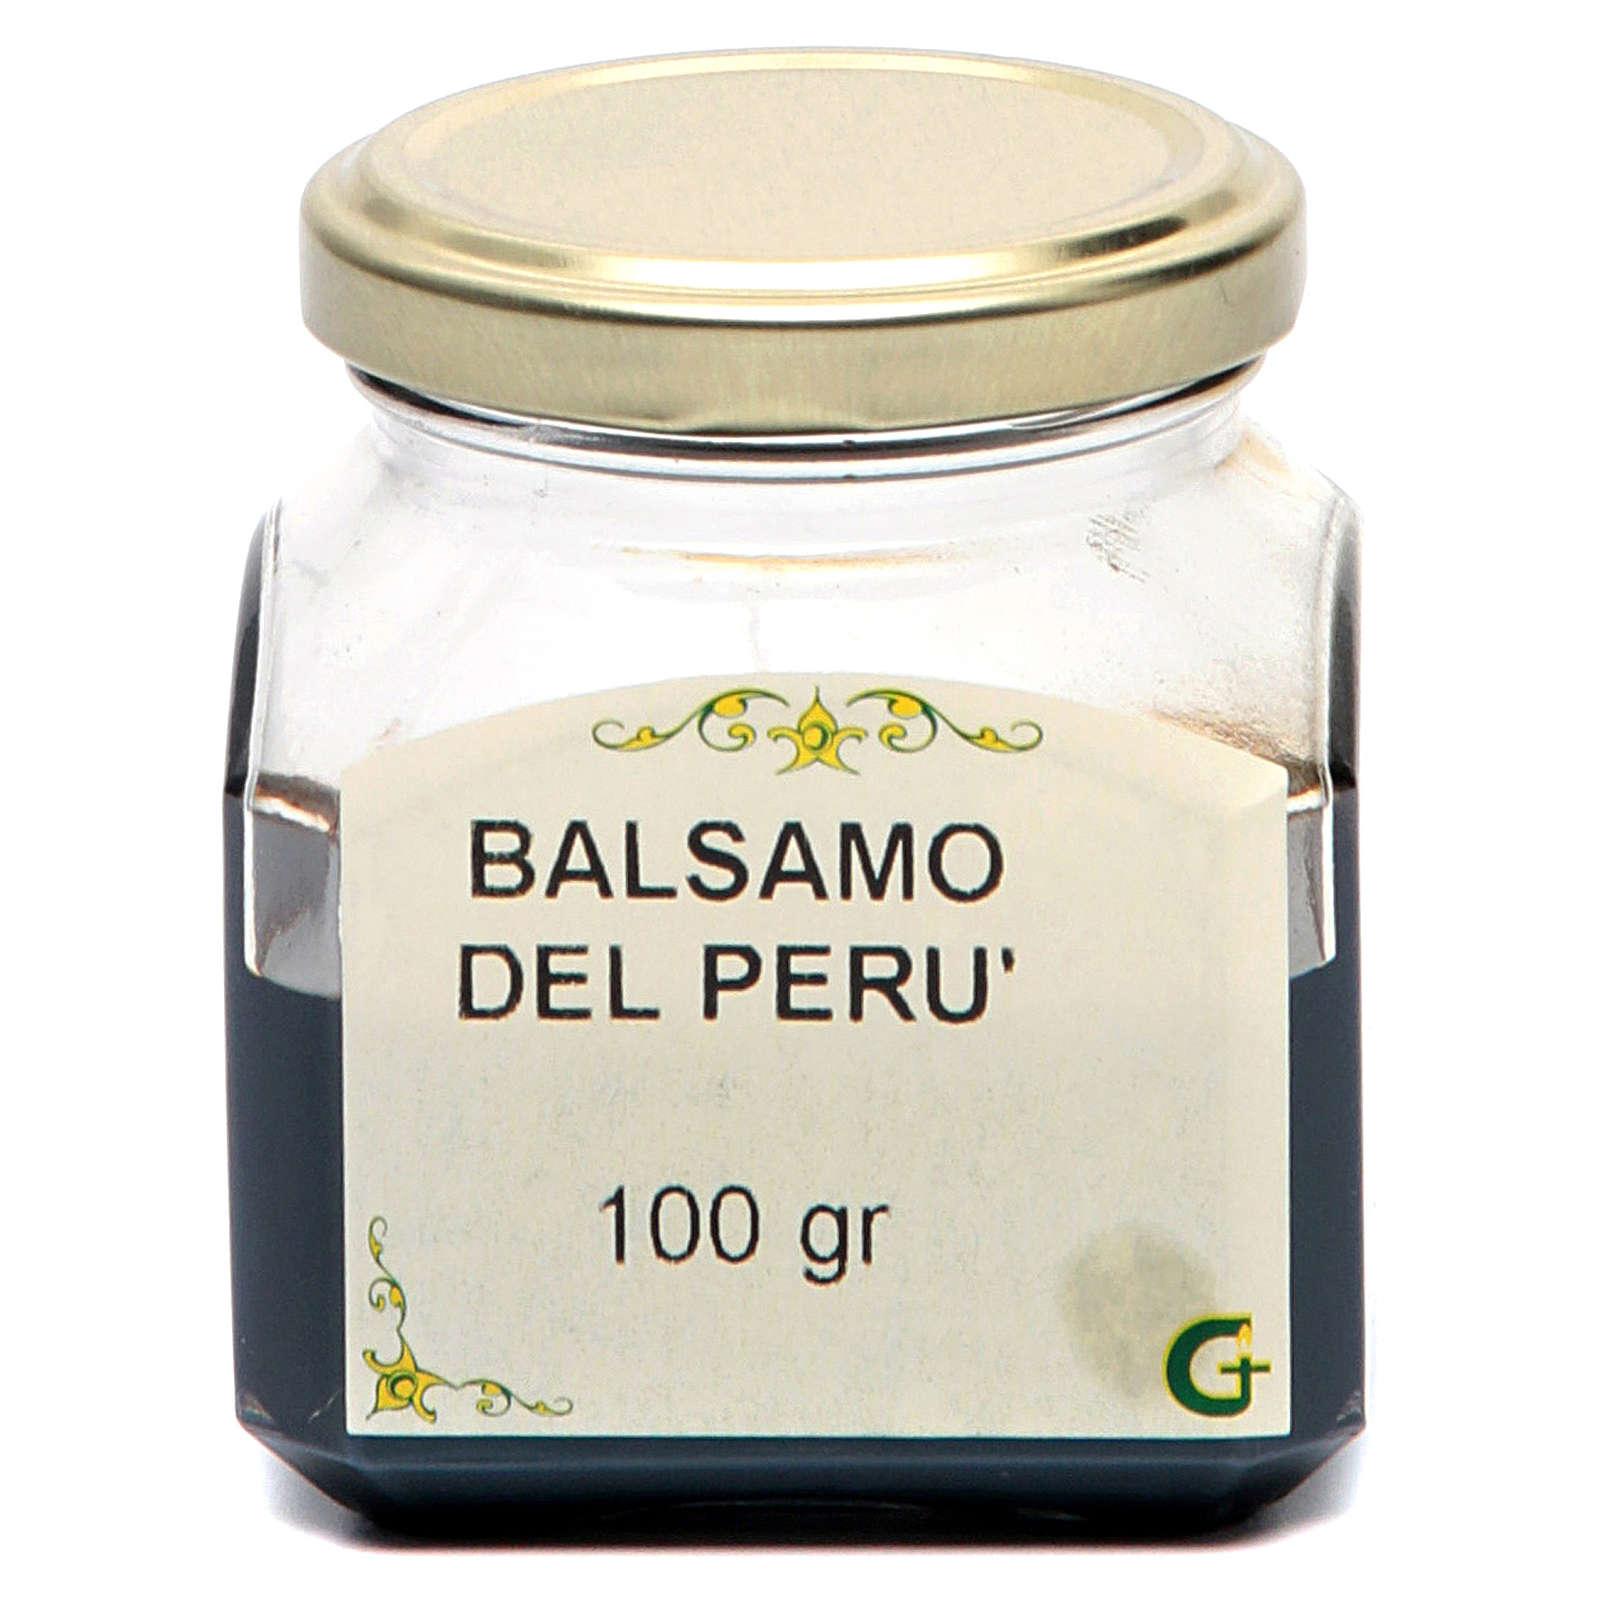 Bálsamo do Peru 100 gr 3